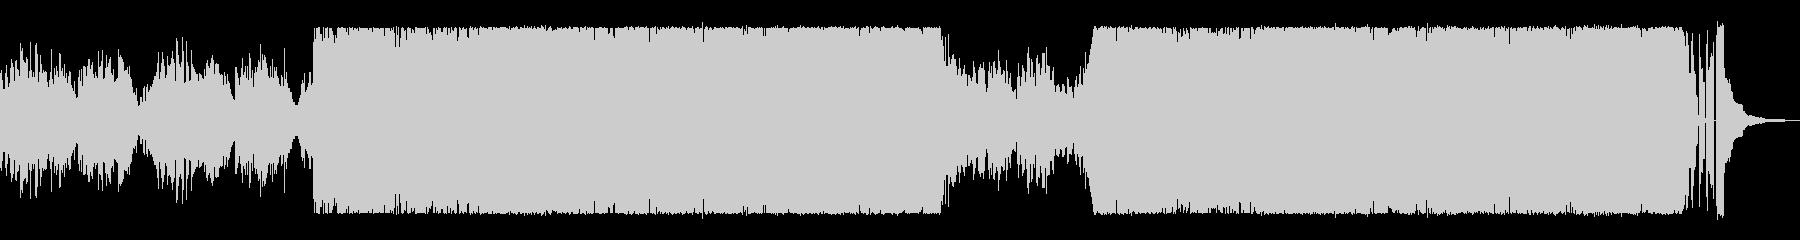 童謡の雰囲気のあるホラーBGMの未再生の波形